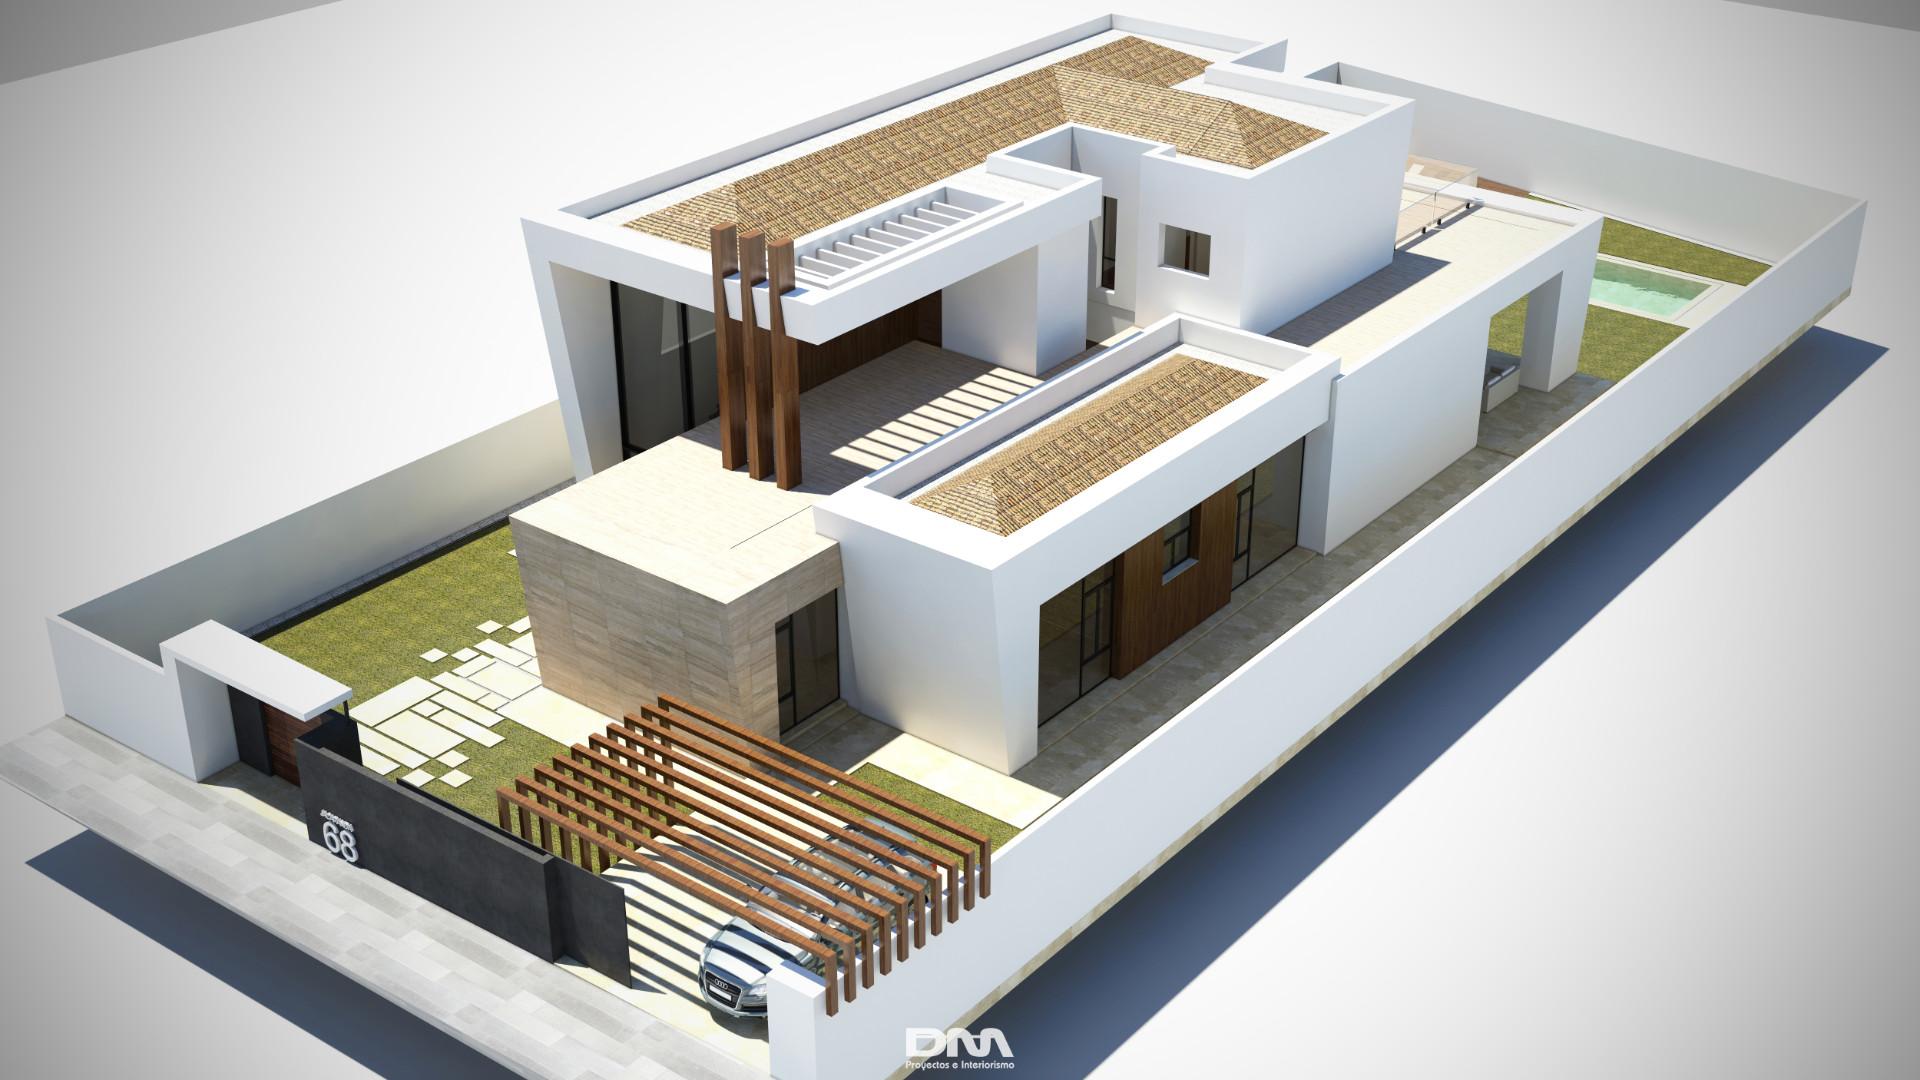 proyectos-interiorismo-interioristas-diseno-interiores-viviendas-particulares-chalets-adosados-lujo-07